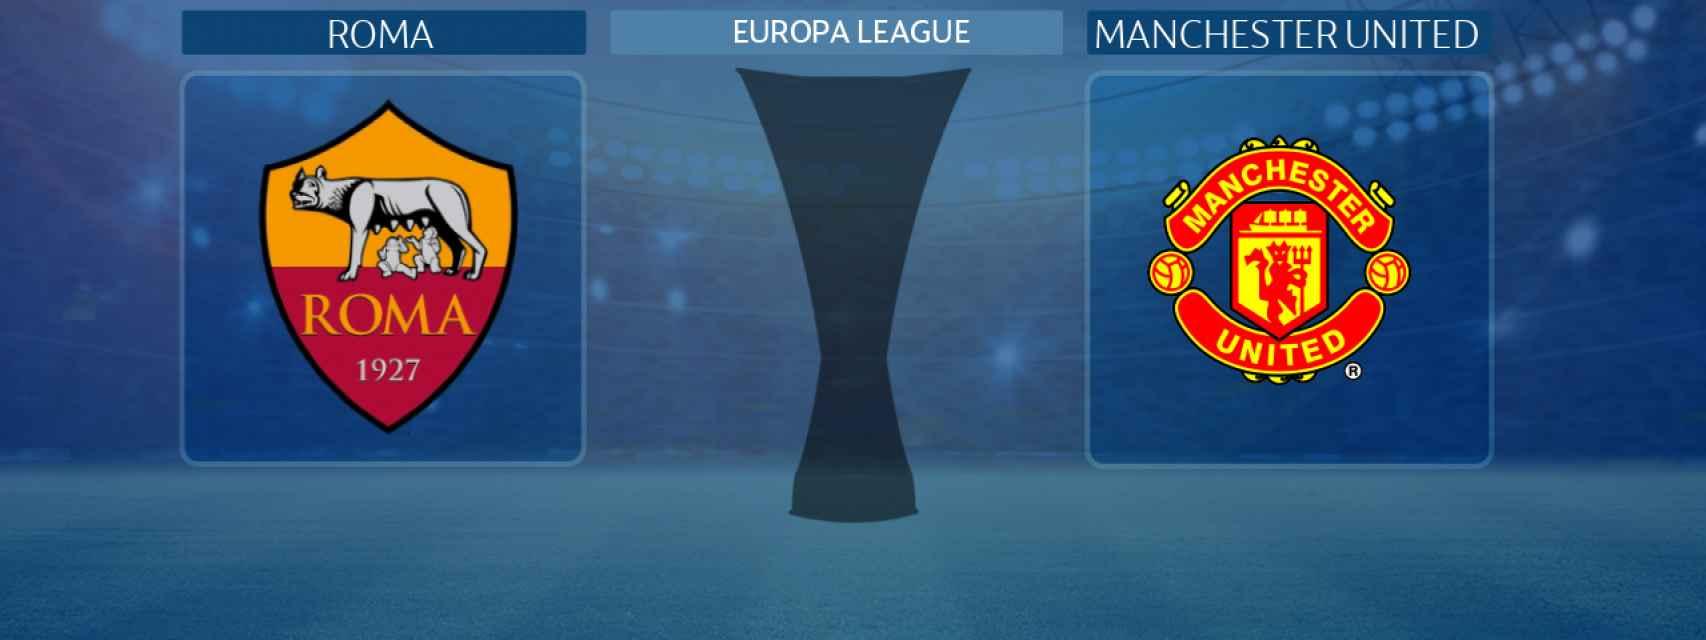 Roma - Manchester United, partido de la Europa League